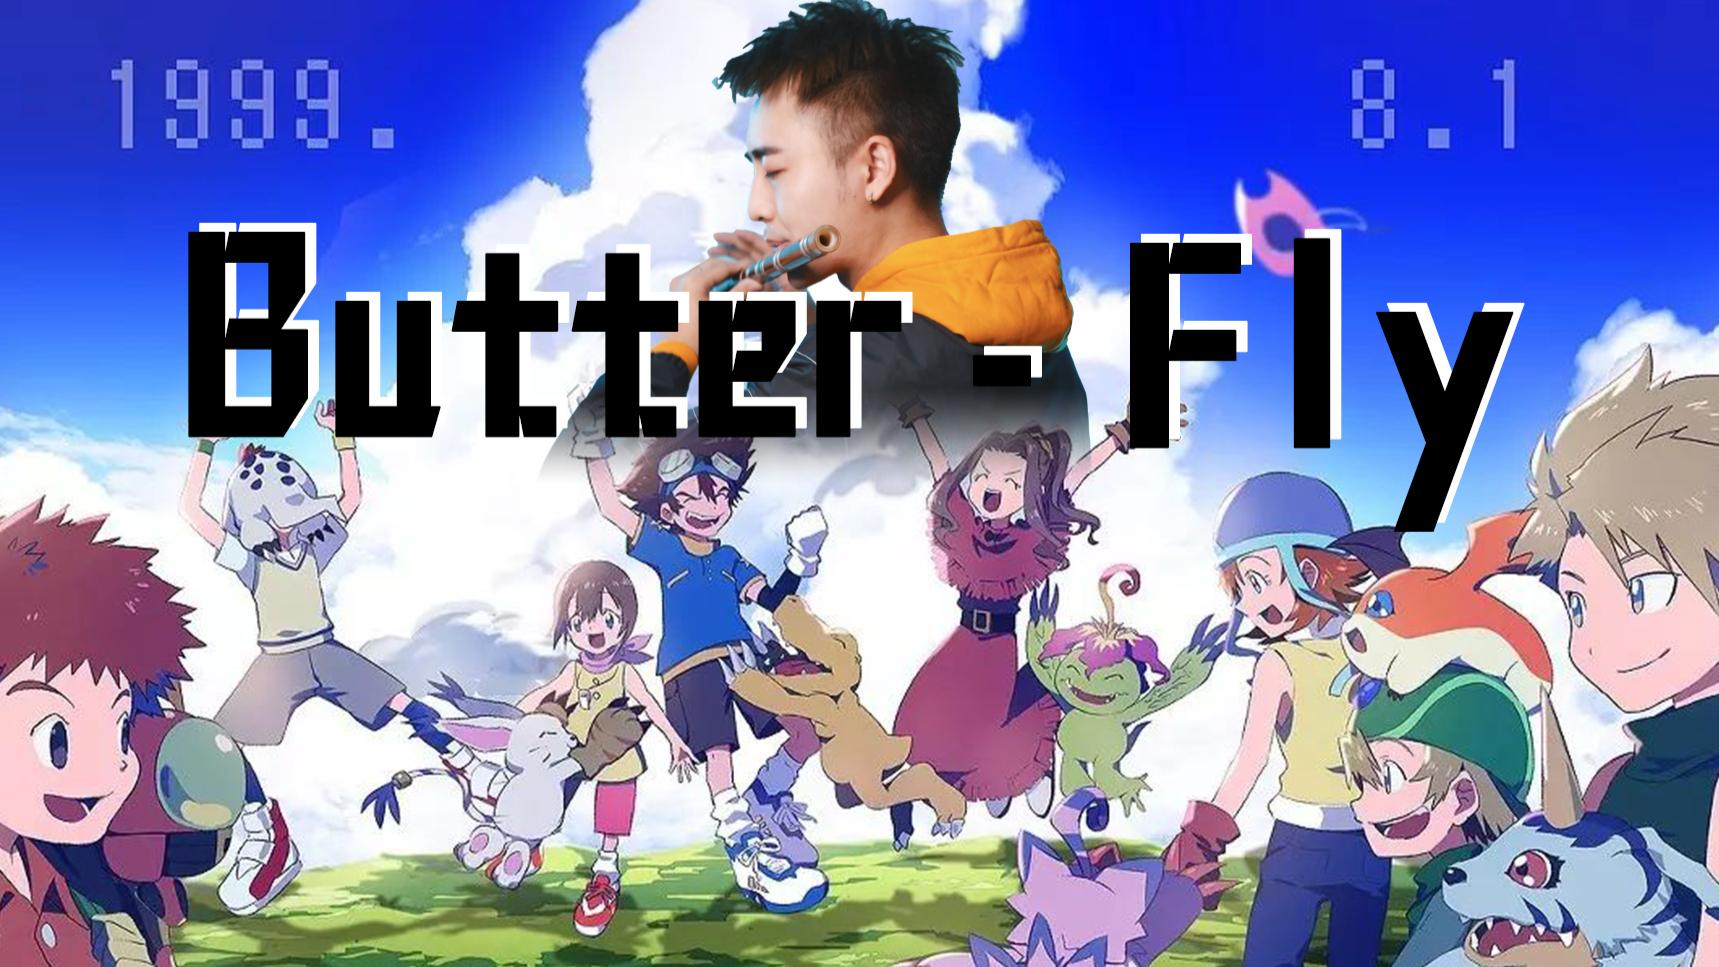 【Butter-Fly(笛箫)】可以一起来弹幕合唱无限大吗,一定要看到最后,拜托!!!【爷青结】